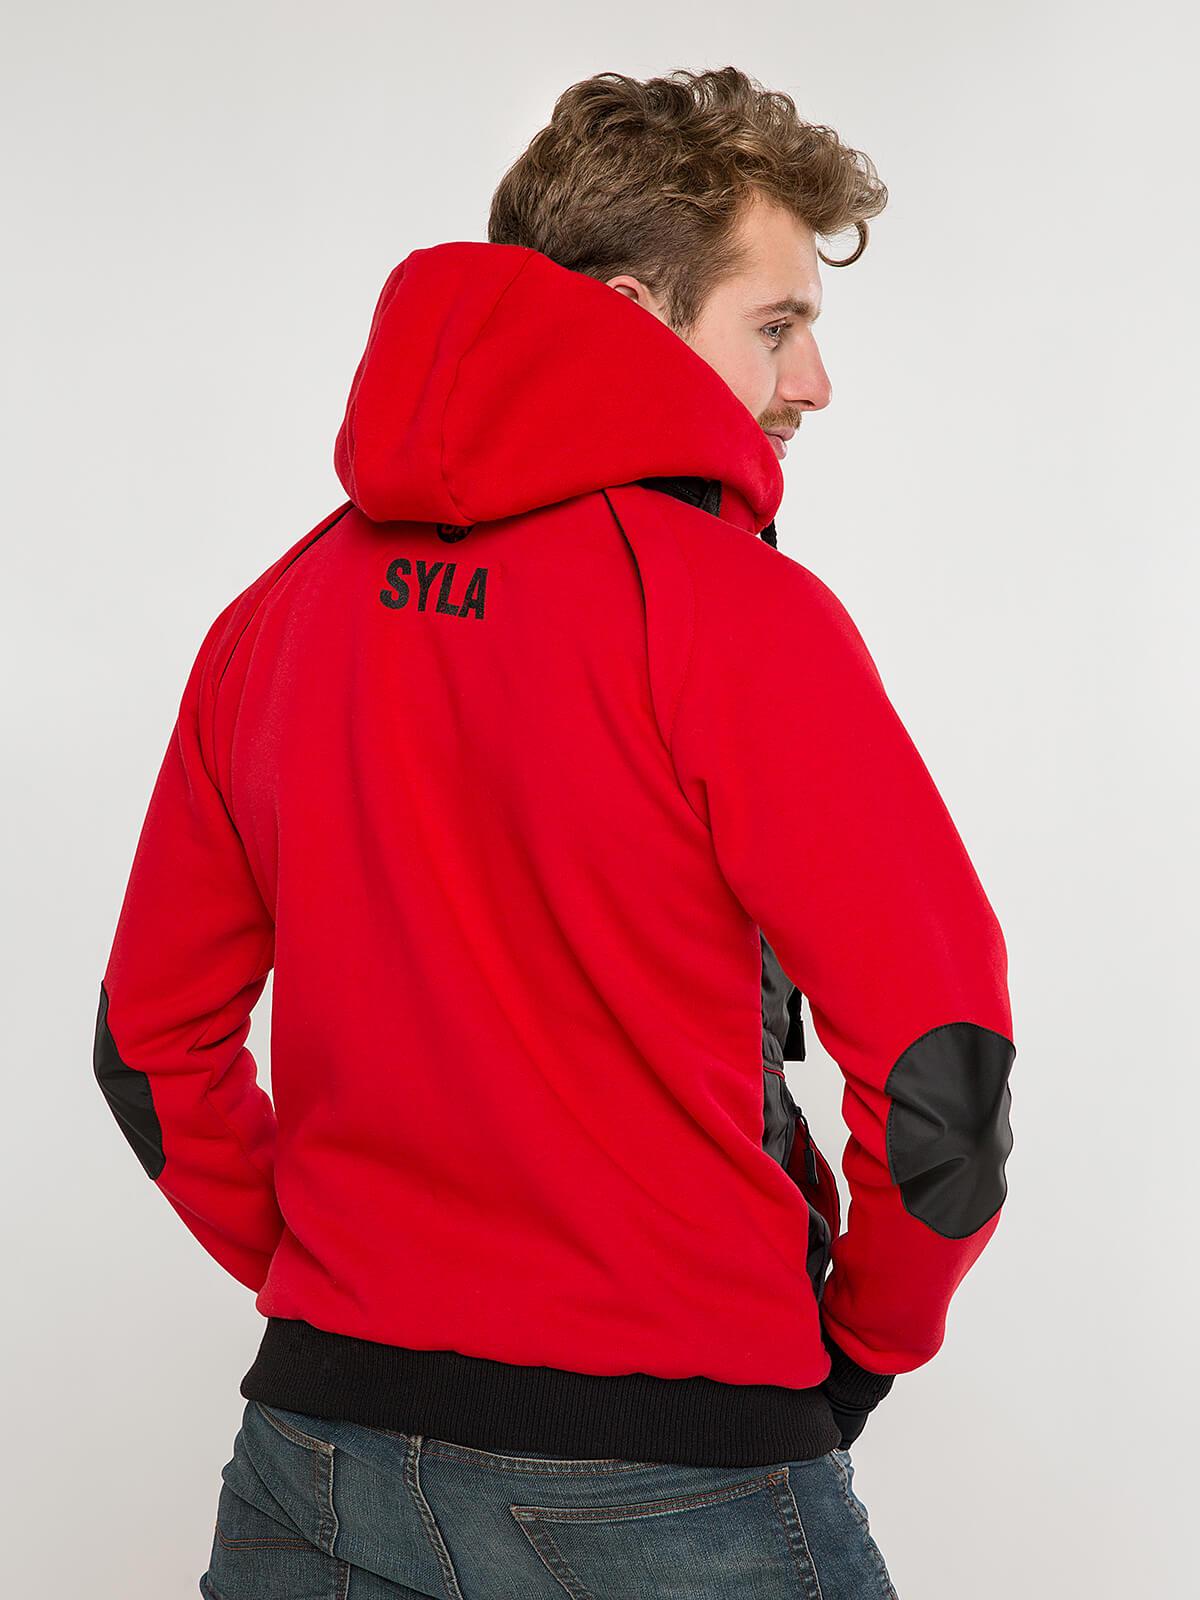 Чоловіче Худі Syla. Колір червоний.  Матеріал худі – тринитка: 77% бавовна, 23% поліефір.